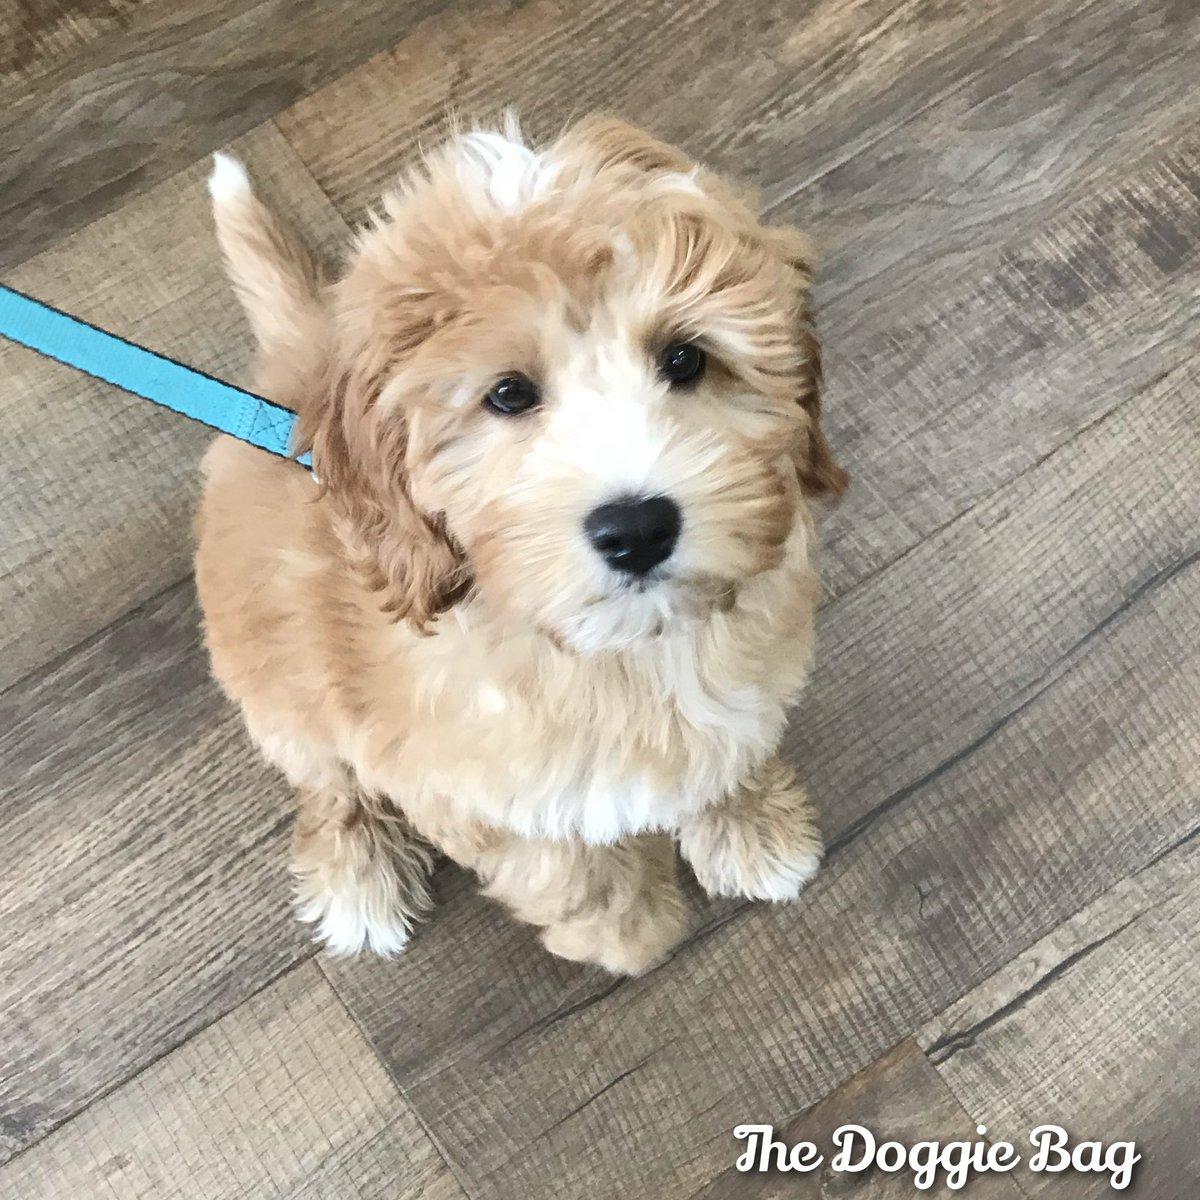 Hello Doodle!!🥰 Just can't get enough of all the #Doodles!😍 @doggiebagboutique   #goldendoodle #doodle #doodlepuppy #doodlesofinstagram #doodlesoftheworld #puppylove #puppy #puppylife #thedoggiebag #petboutique #shoplakeland #dogsoflakeland #dogmomsoflkld #lakekandfl